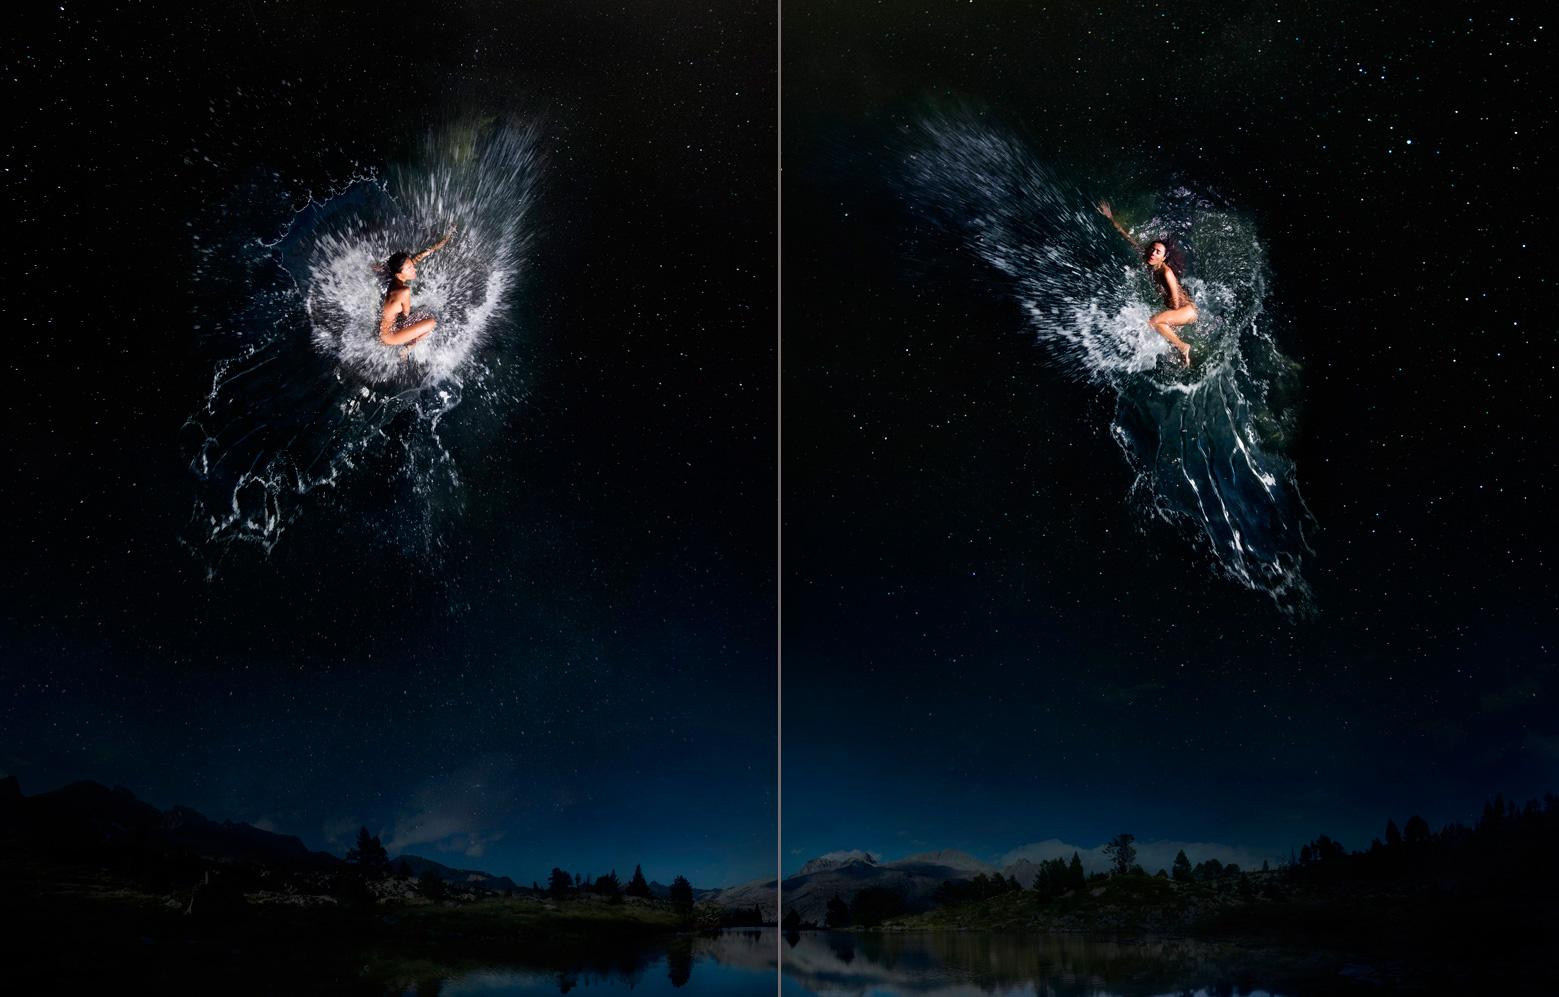 Estrella (β) geminorum - Pólux / Estrella (γ) geminorum  - Alhena